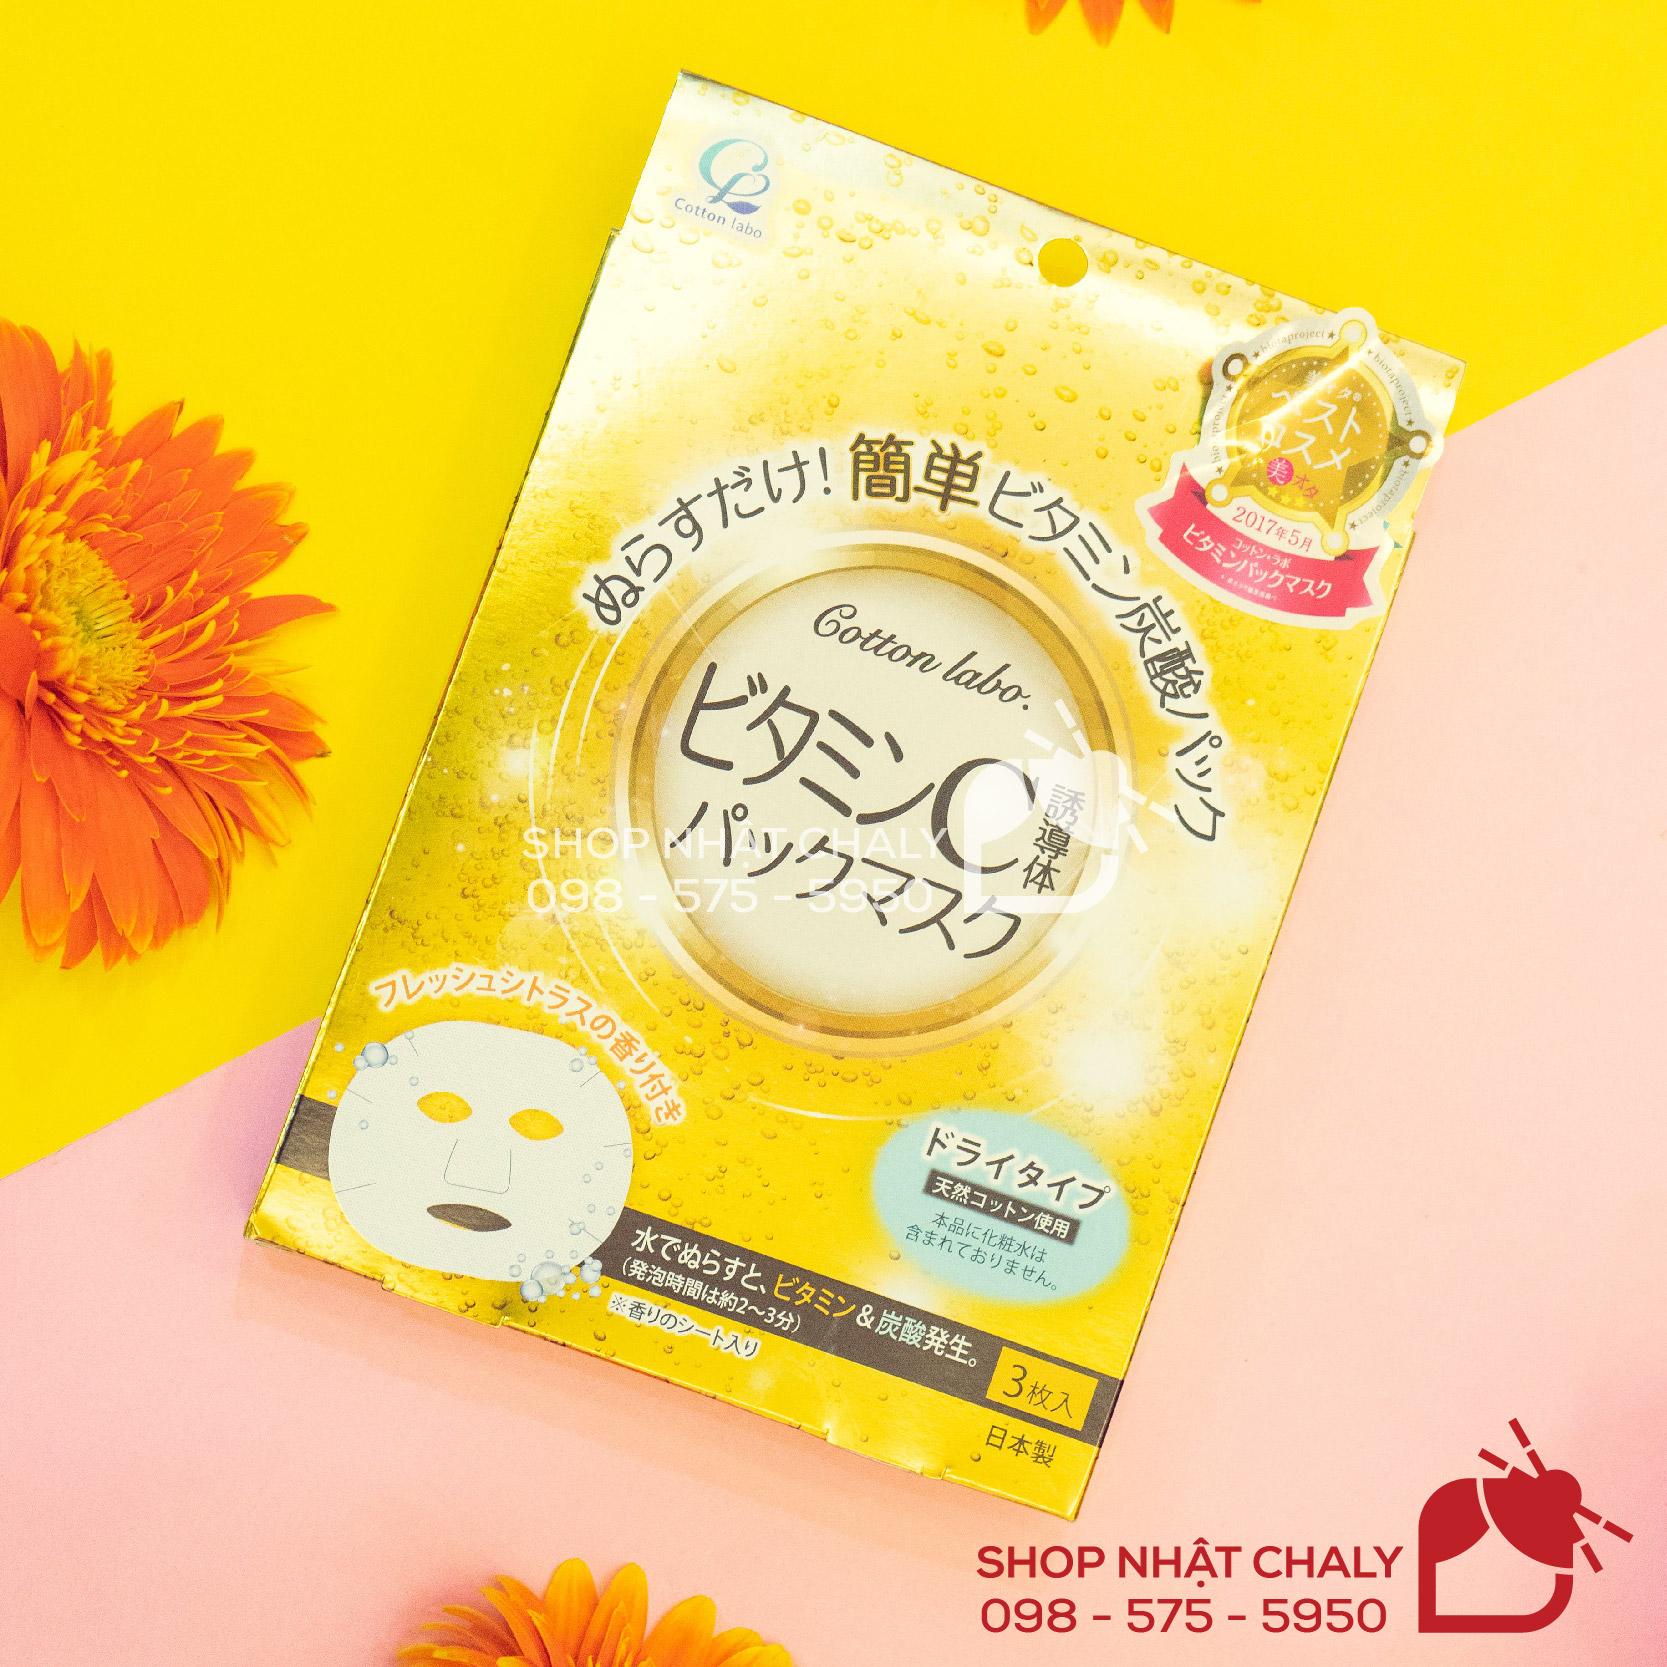 Mặt nạ thải độc Nhật Bản Vitamin C pack mask có khả năng thải bỏ bớt độc tố, giúp giảm mụn, dưỡng trắng da hiệu quả